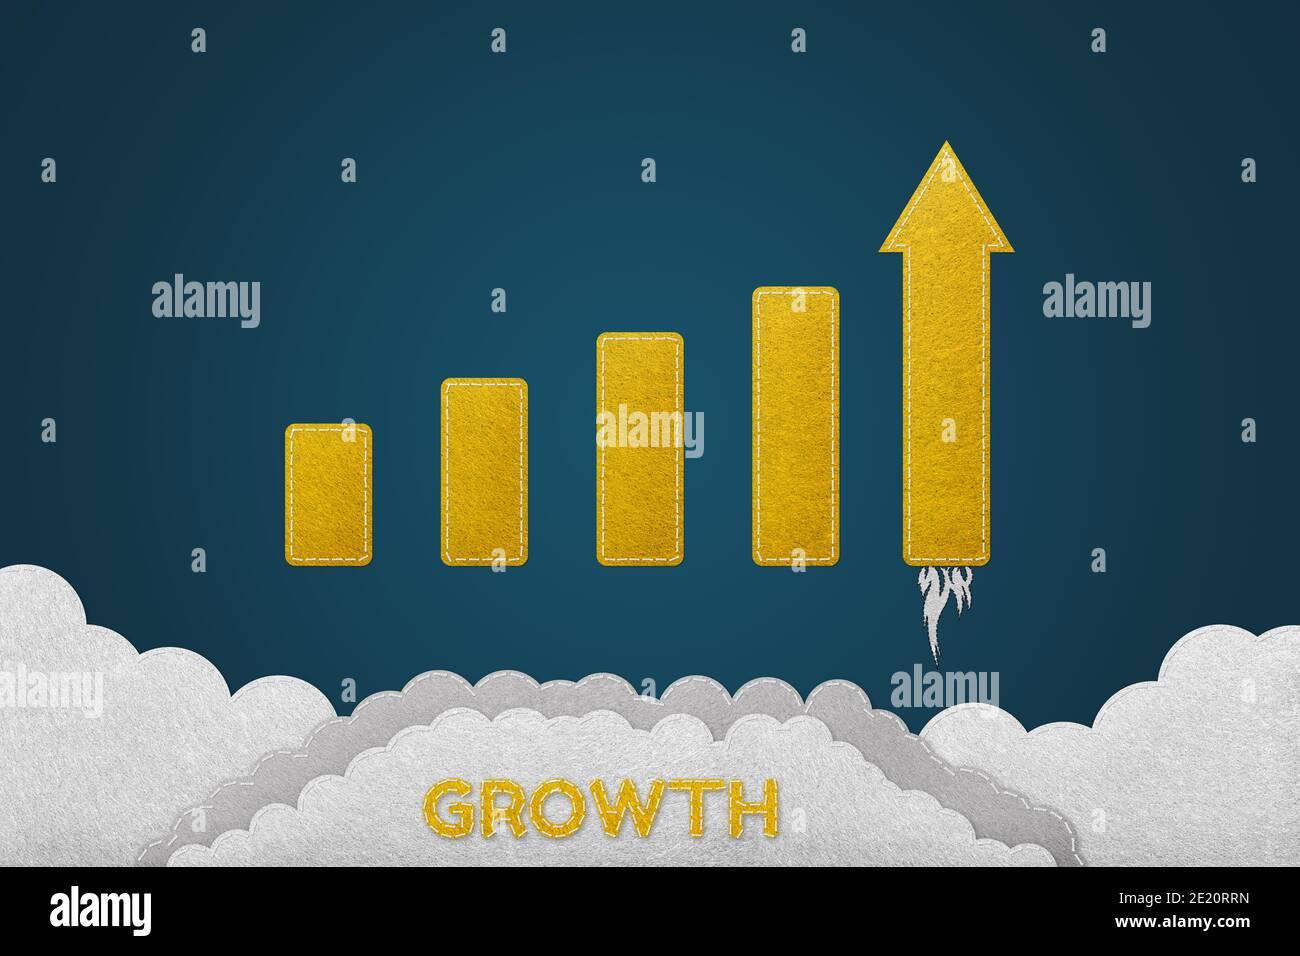 Wachstum Und Erfolgreiches Konzept - Genähter Filz-Effekt - Isoliert Auf Blauem Verlaufshintergrund Stockfoto